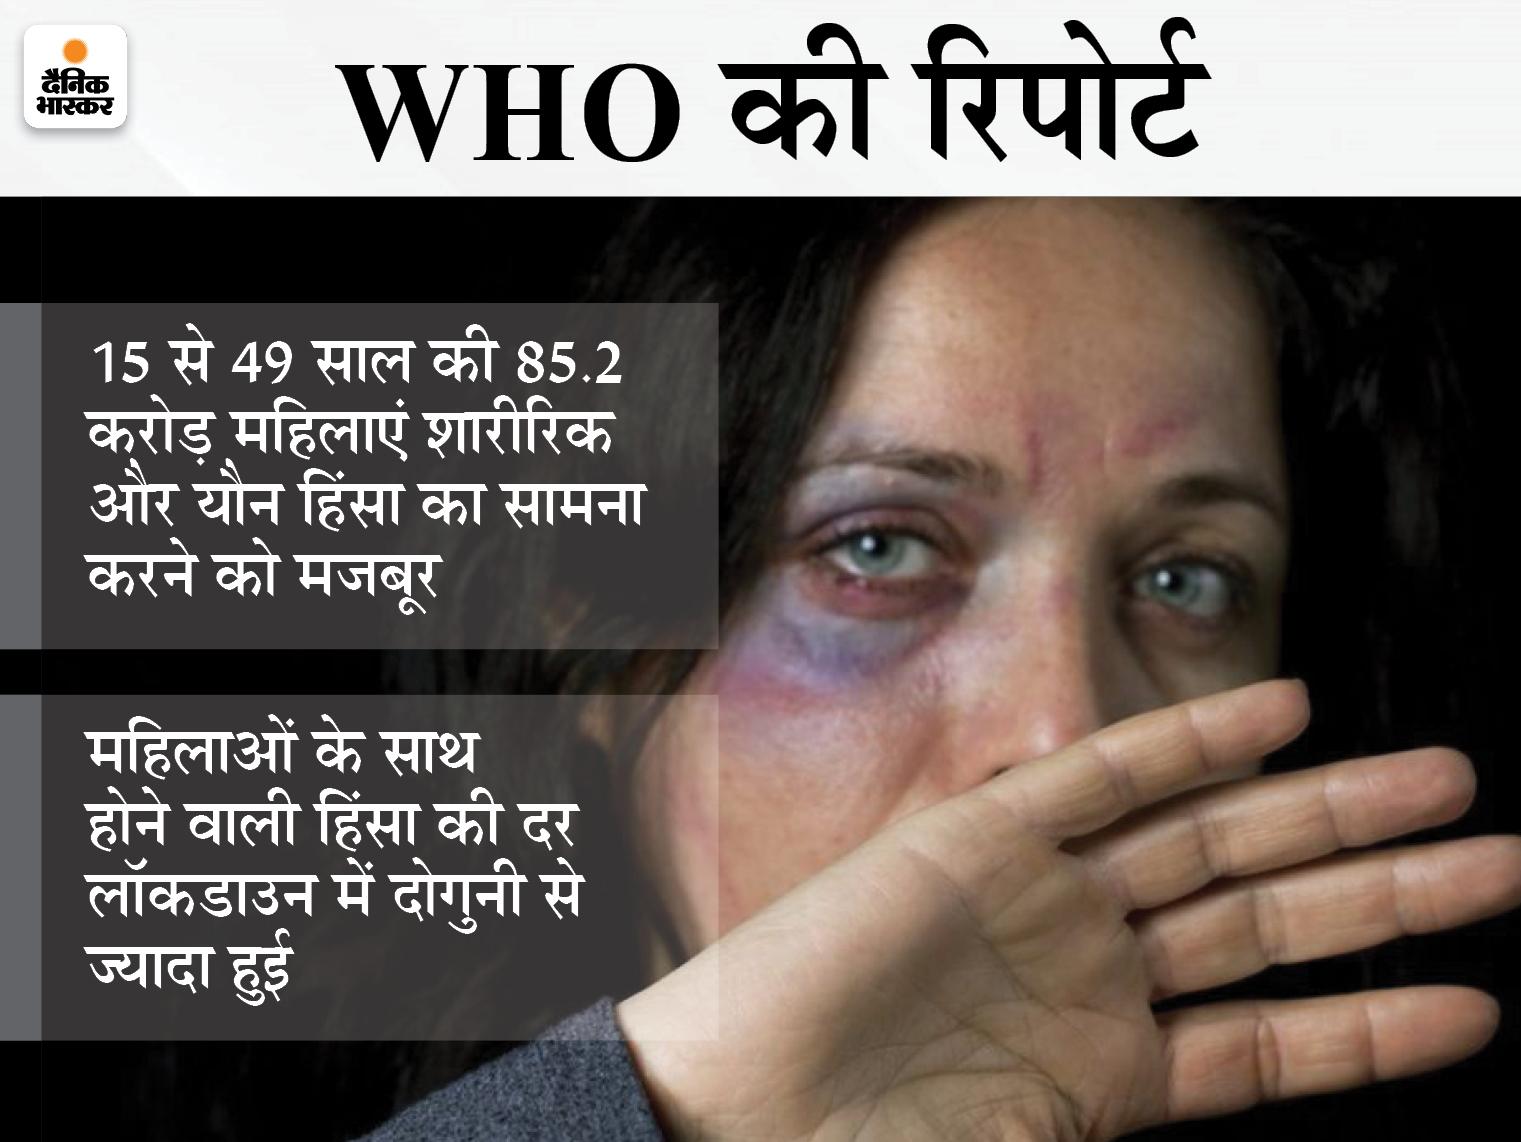 हर तीन में से एक महिला दुनिया भर में शारीरिक और यौन हिंसा का शिकार, 15 से 49 साल की 31% महिलाएं इसका सामना करने को मजबूर लाइफस्टाइल,Lifestyle - Dainik Bhaskar